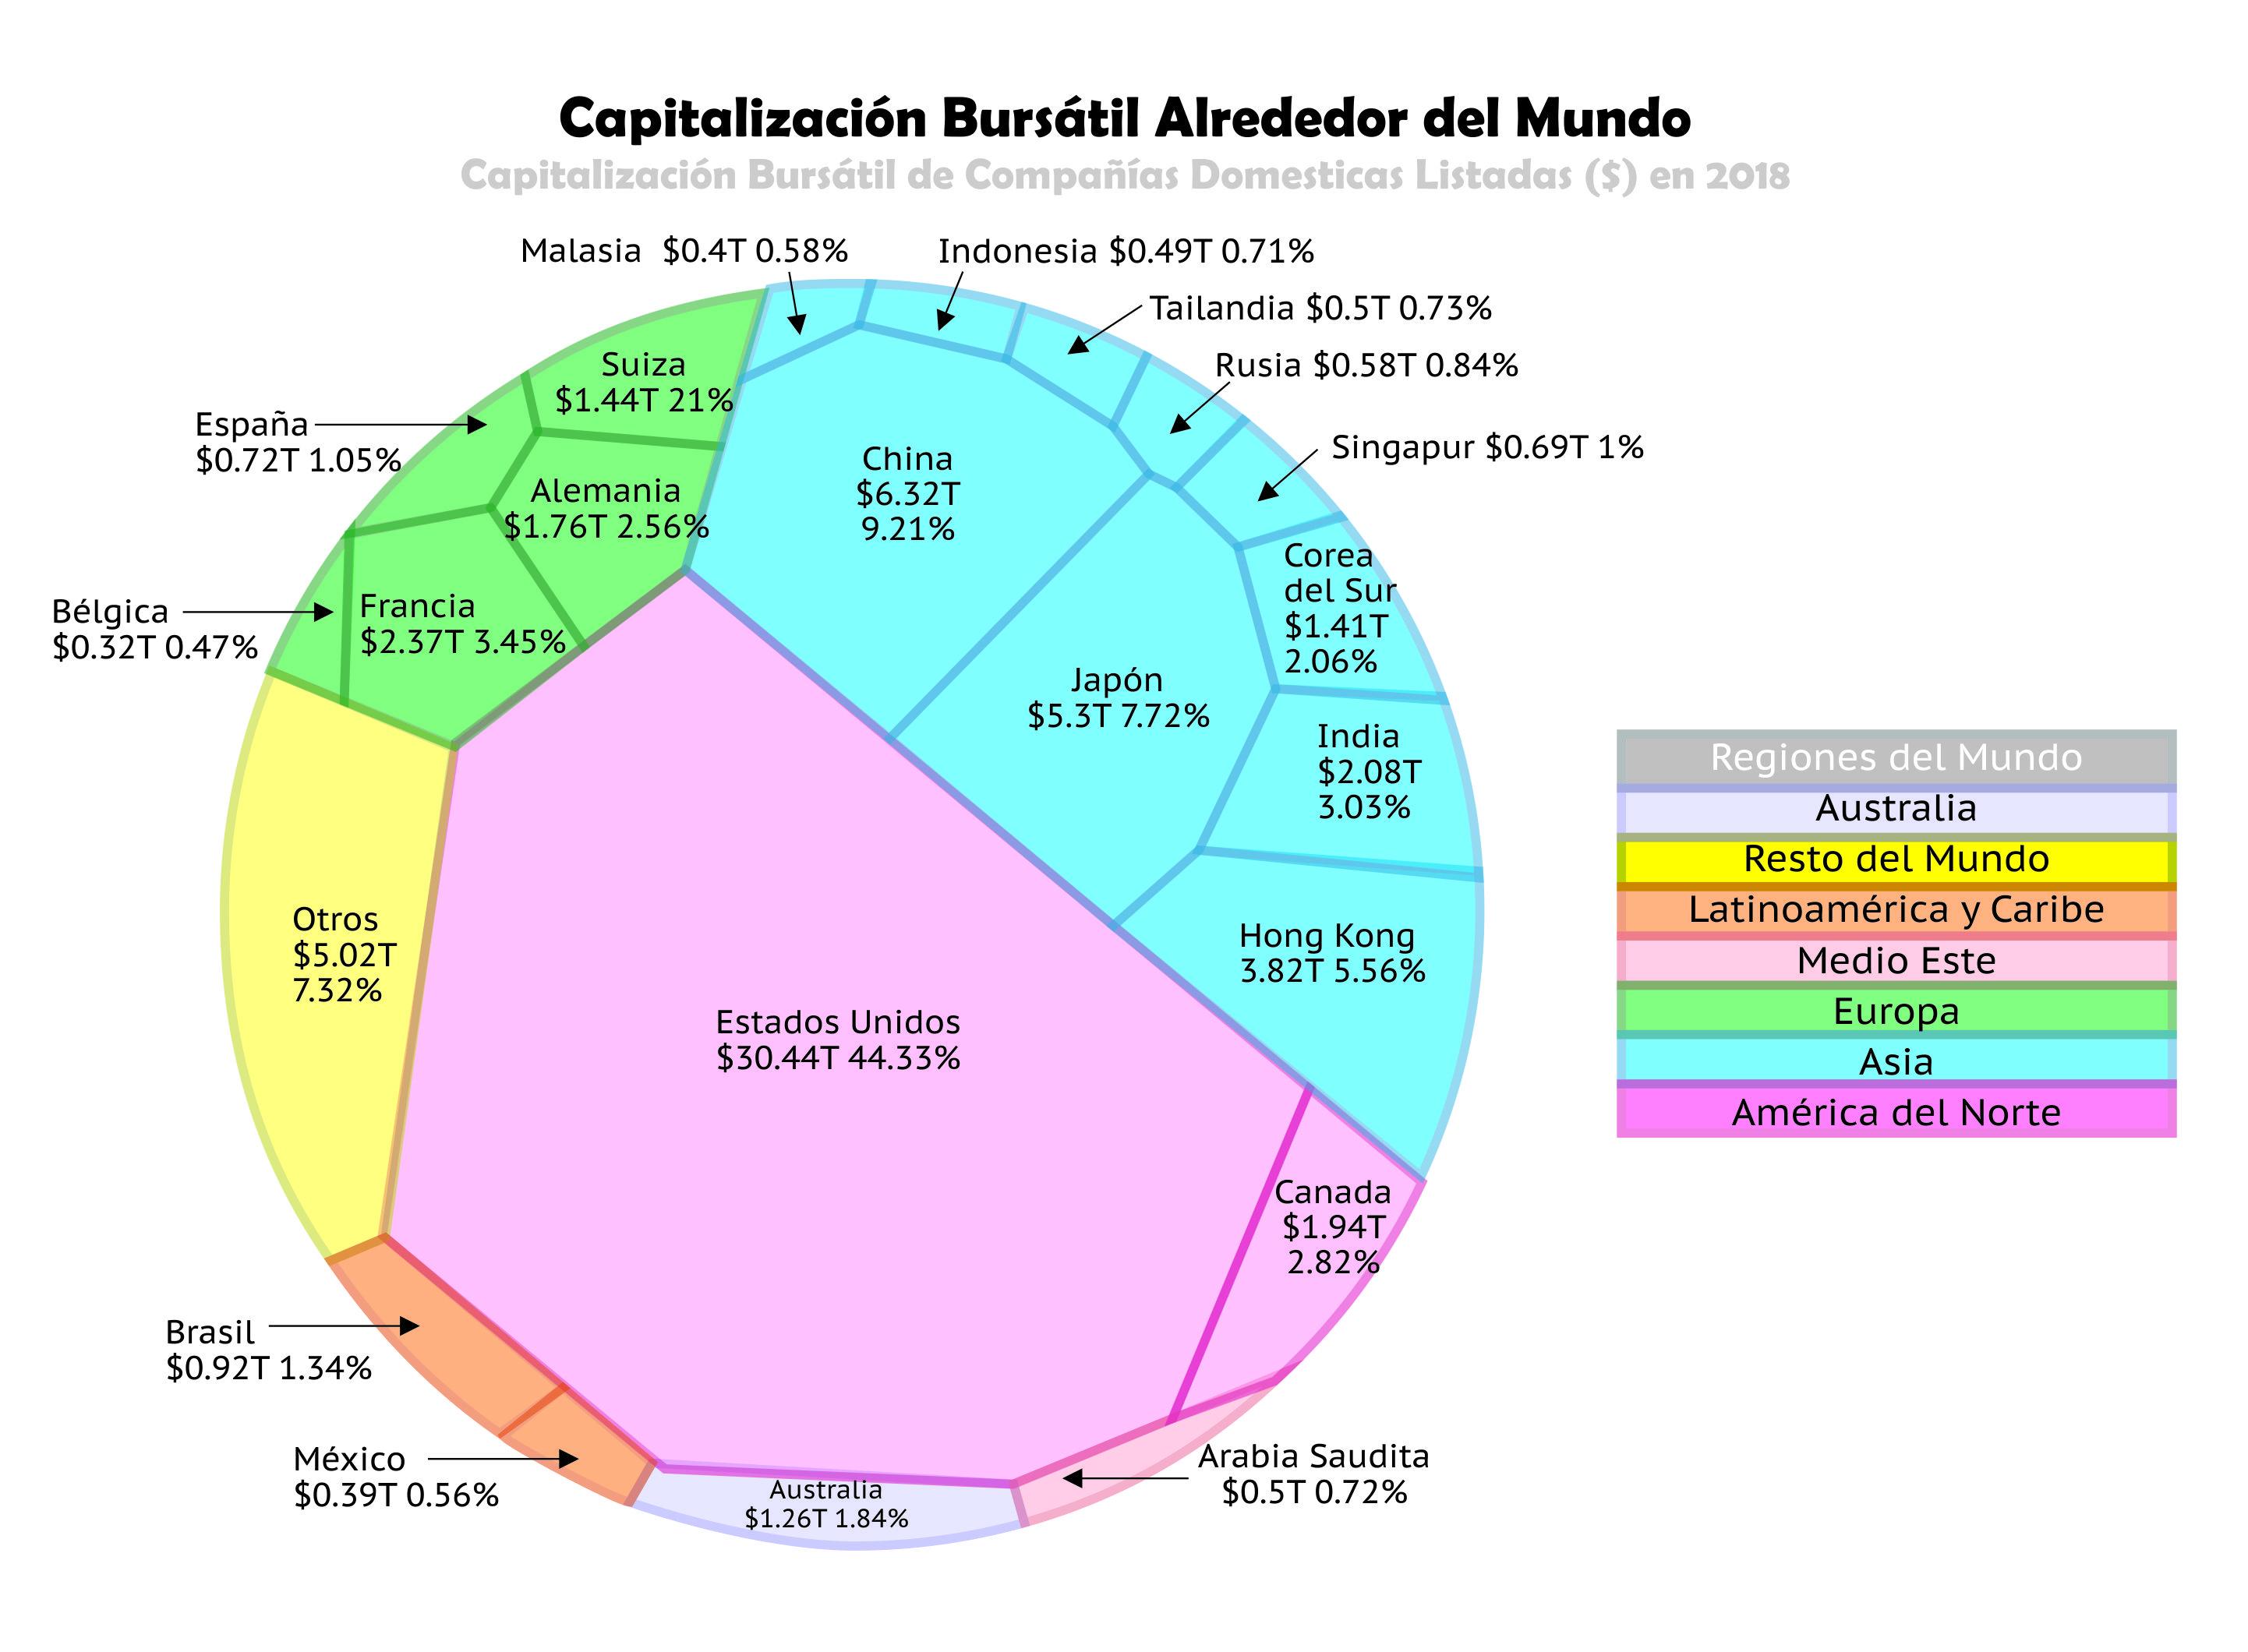 Capitalización Bursátil alrededor del mundo